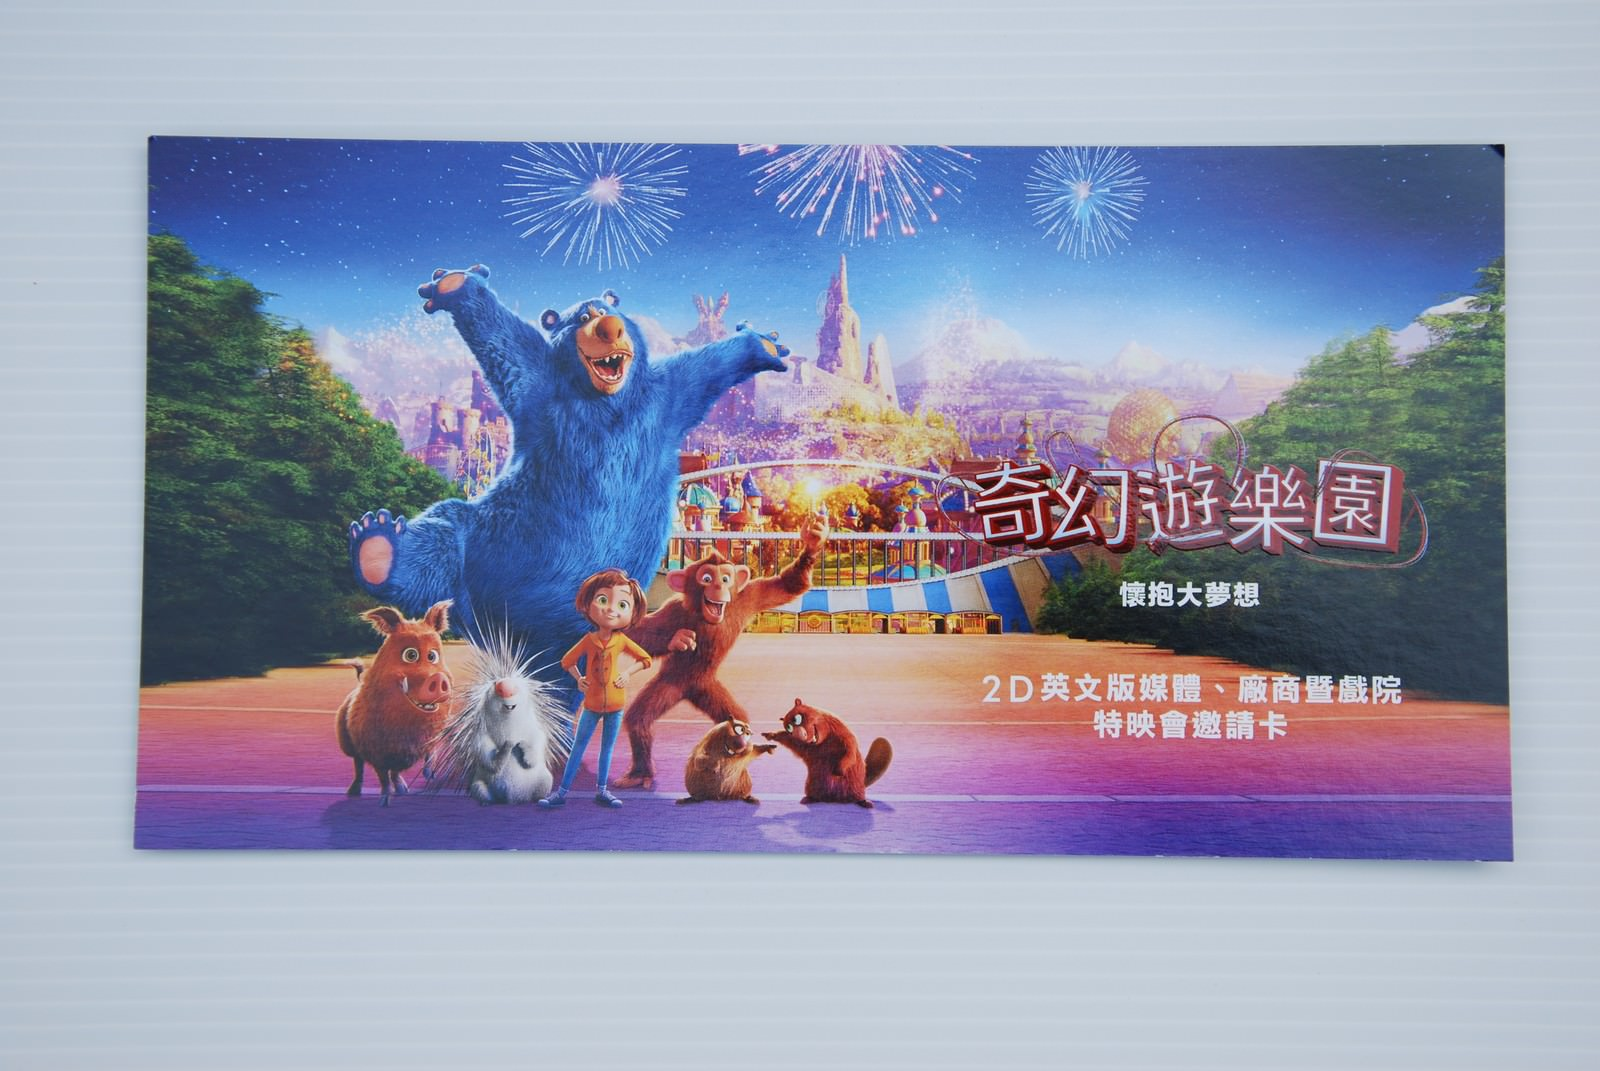 Movie, Wonder Park(美國, 2019年) / 奇幻遊樂園(台灣) / 神奇乐园历险记(中國) / 神奇夢樂園(香港), 特映會邀請卡